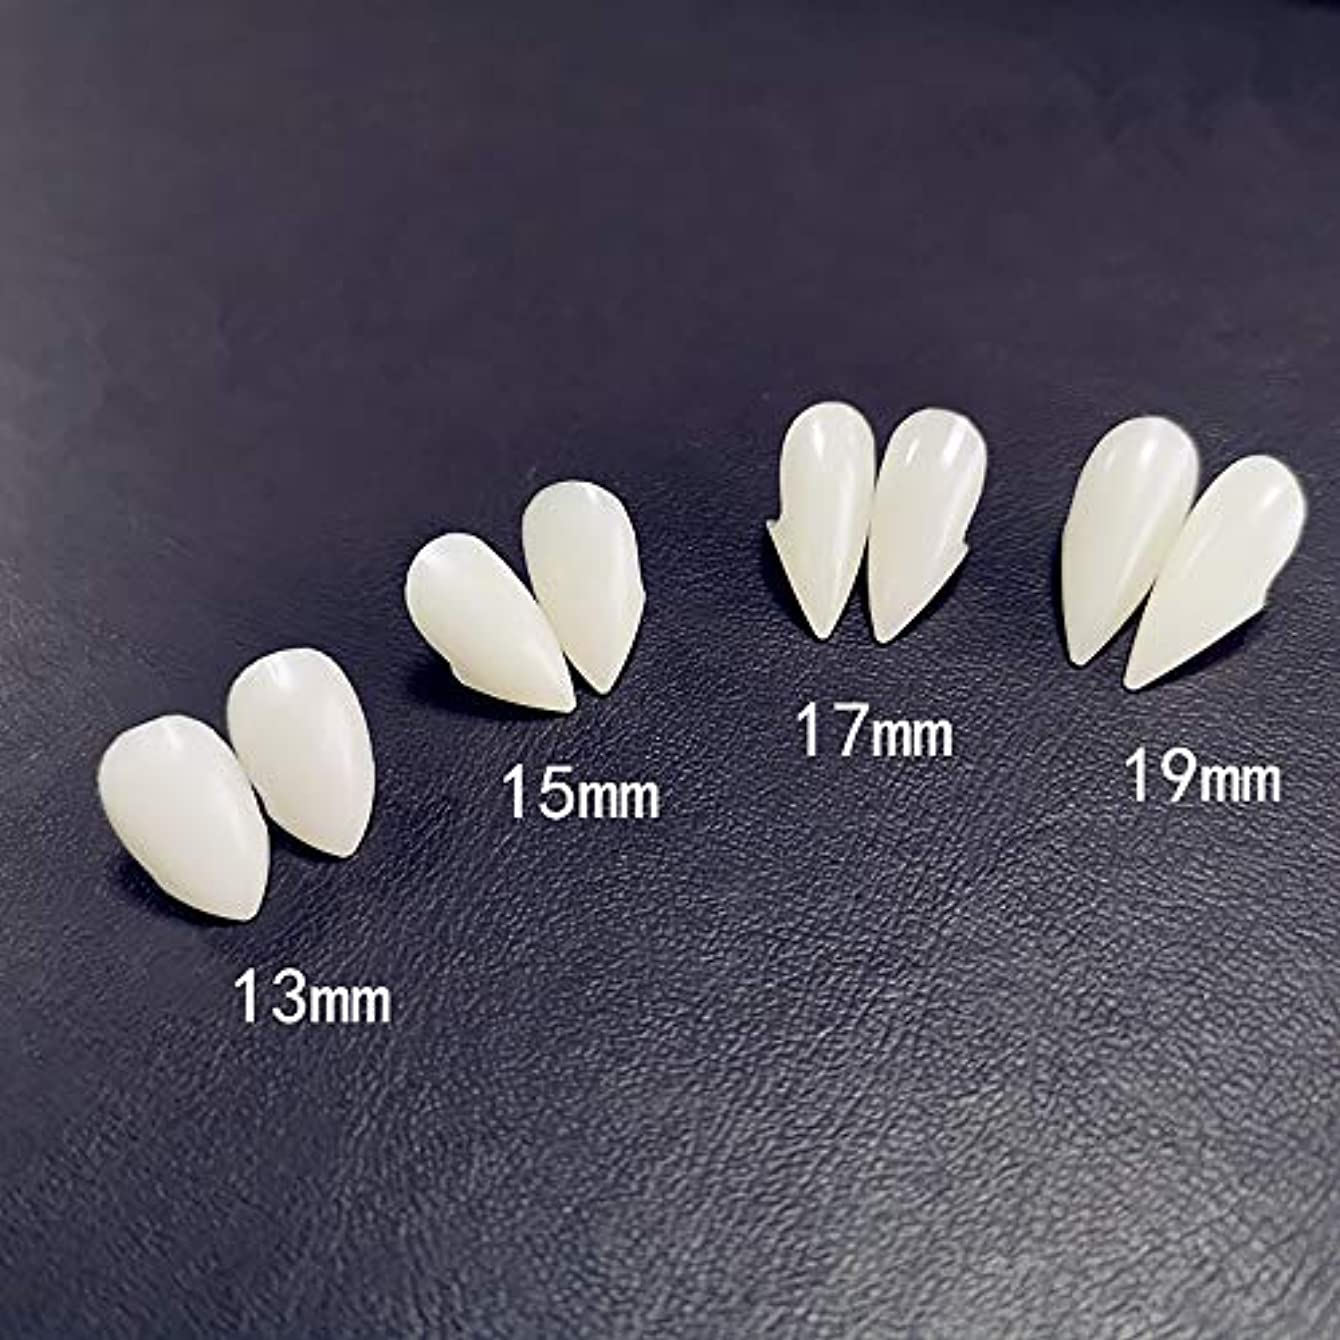 フリース原子炉ばかげている4サイズ義歯歯牙牙義歯小道具ハロウィンコスチューム小道具パーティーの好意休日diy装飾ホラー大人のための子供-6ペア,19mm